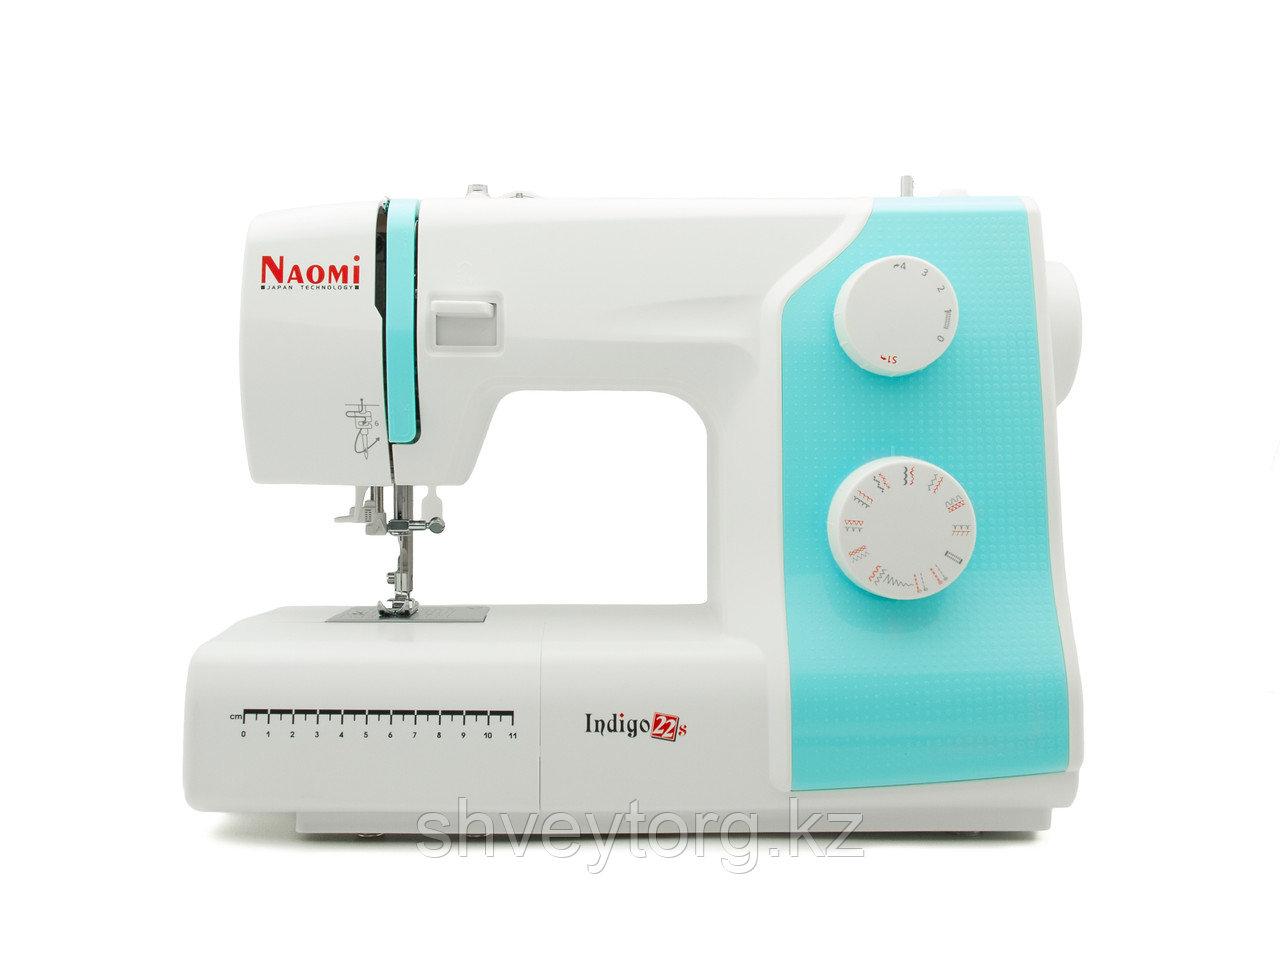 Бытовая швейная машинка NAOMI INDIGO 22 S